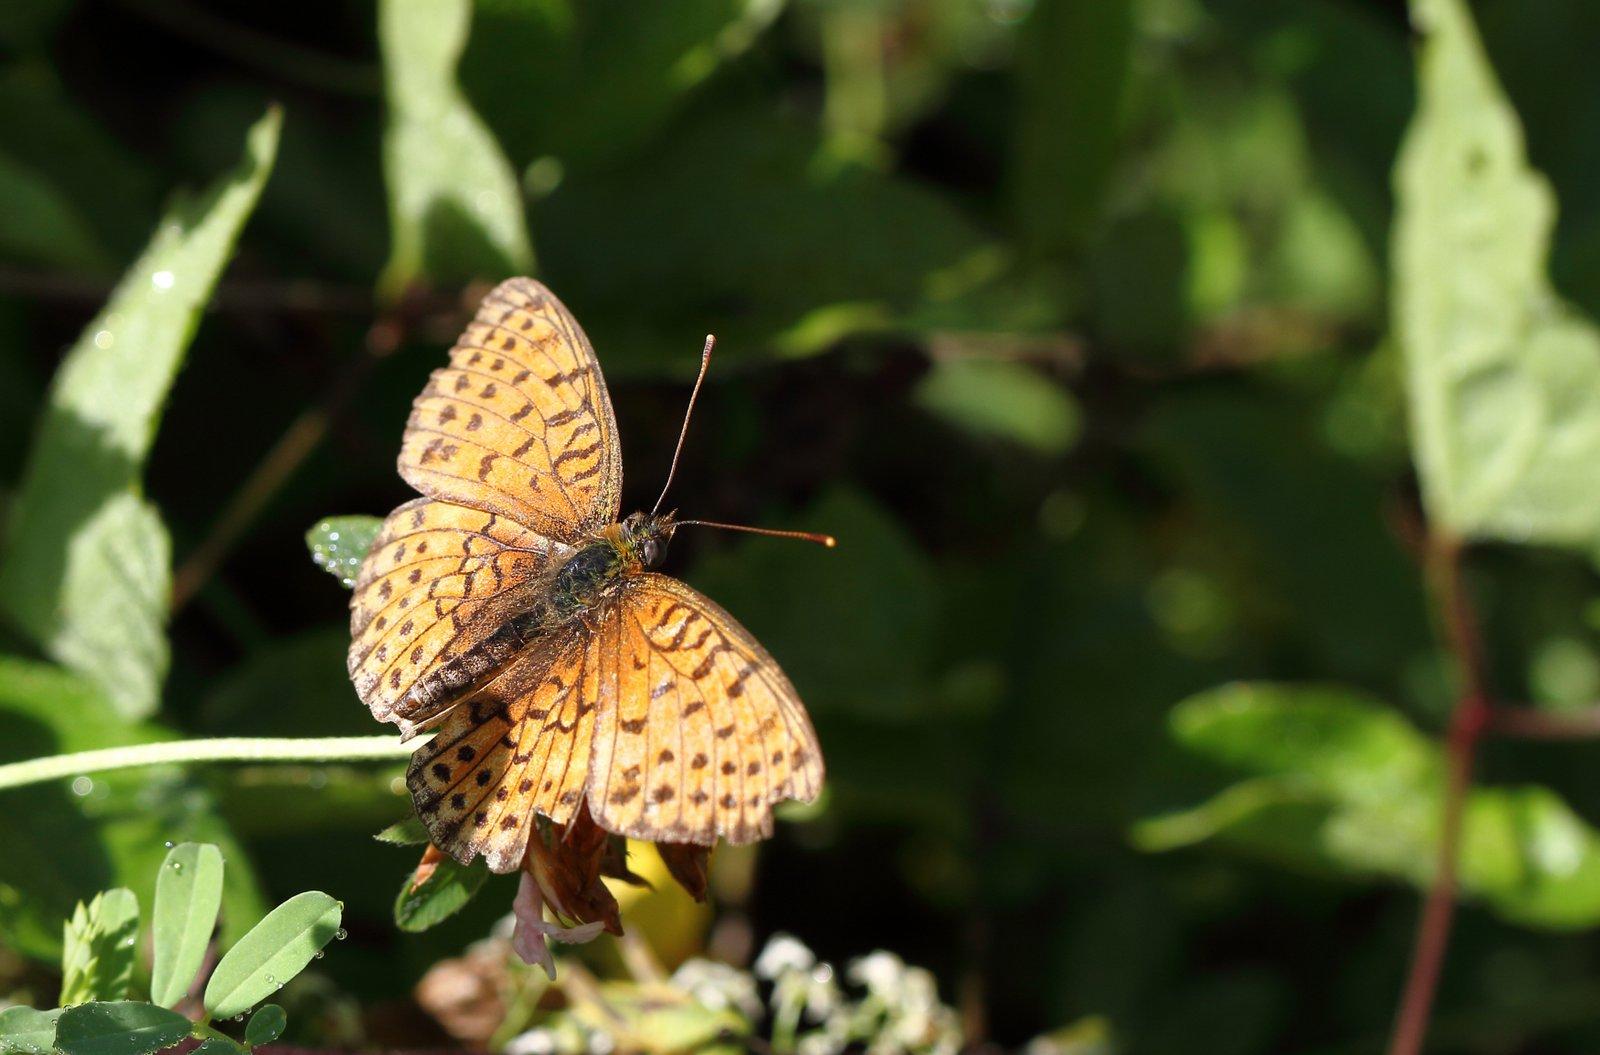 Dobbeltplettet Perlemorsommerfugl, Brenthis hecate